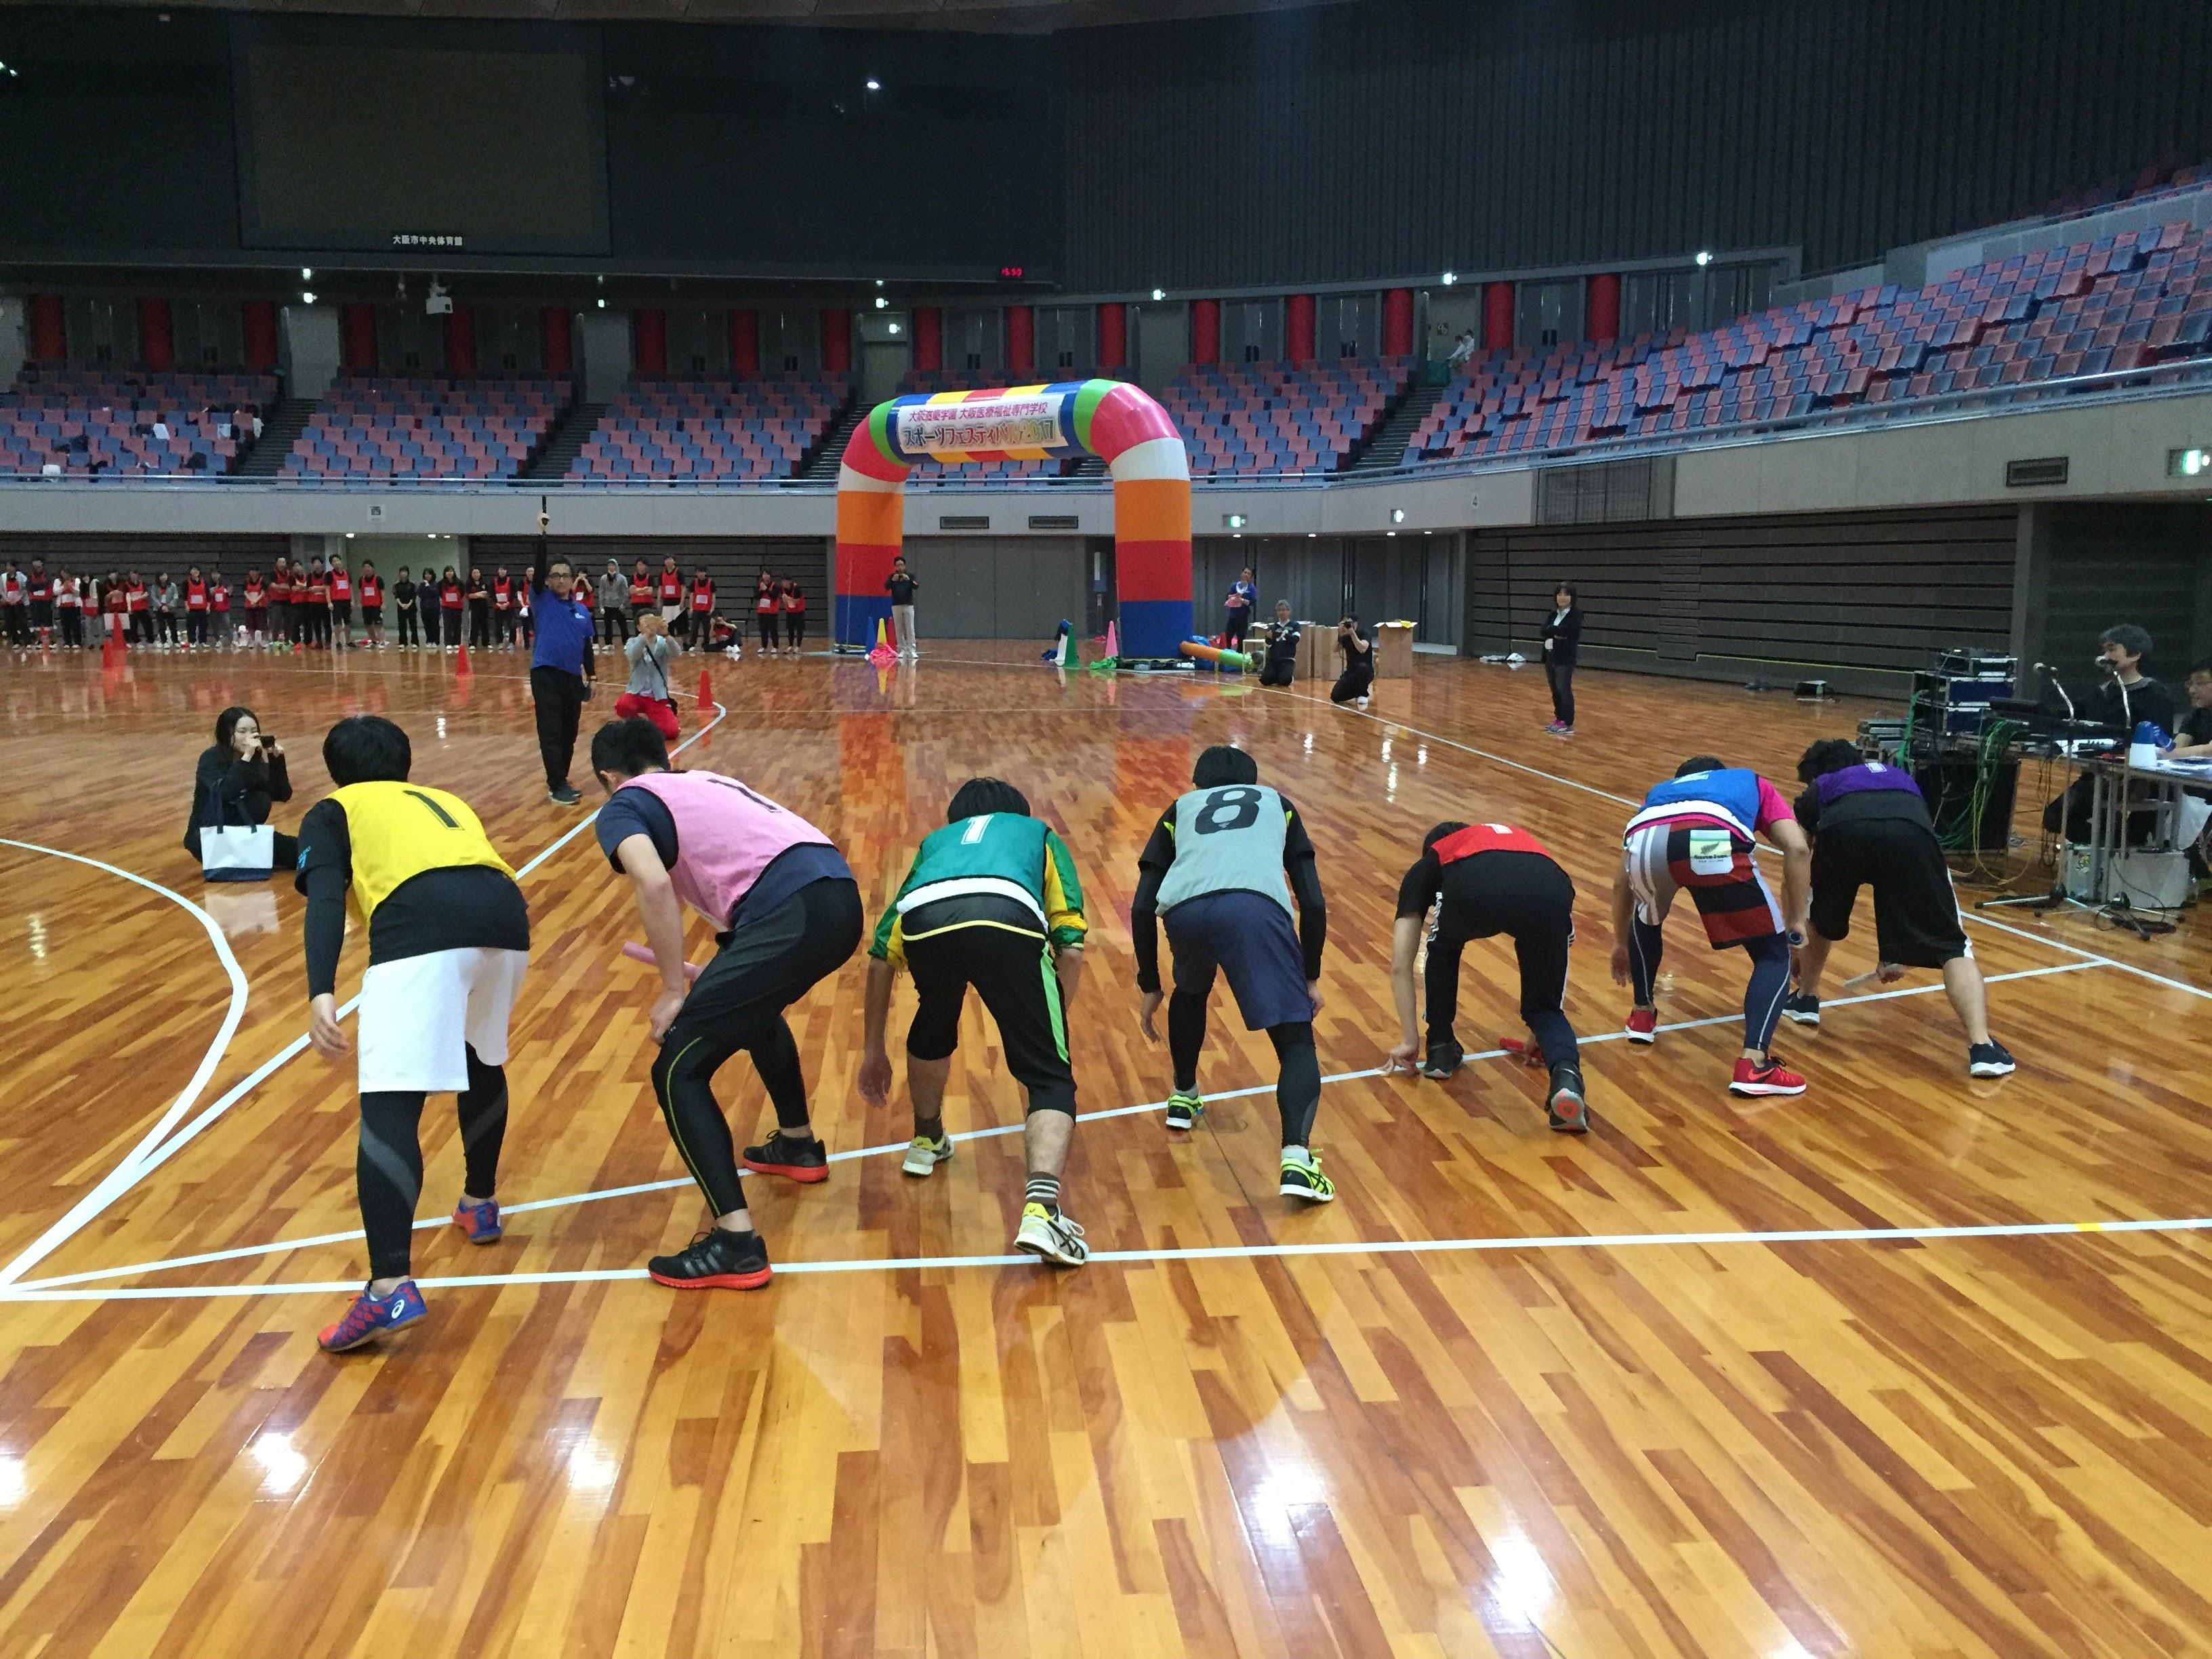 大阪医療福祉専門学校様の運動会